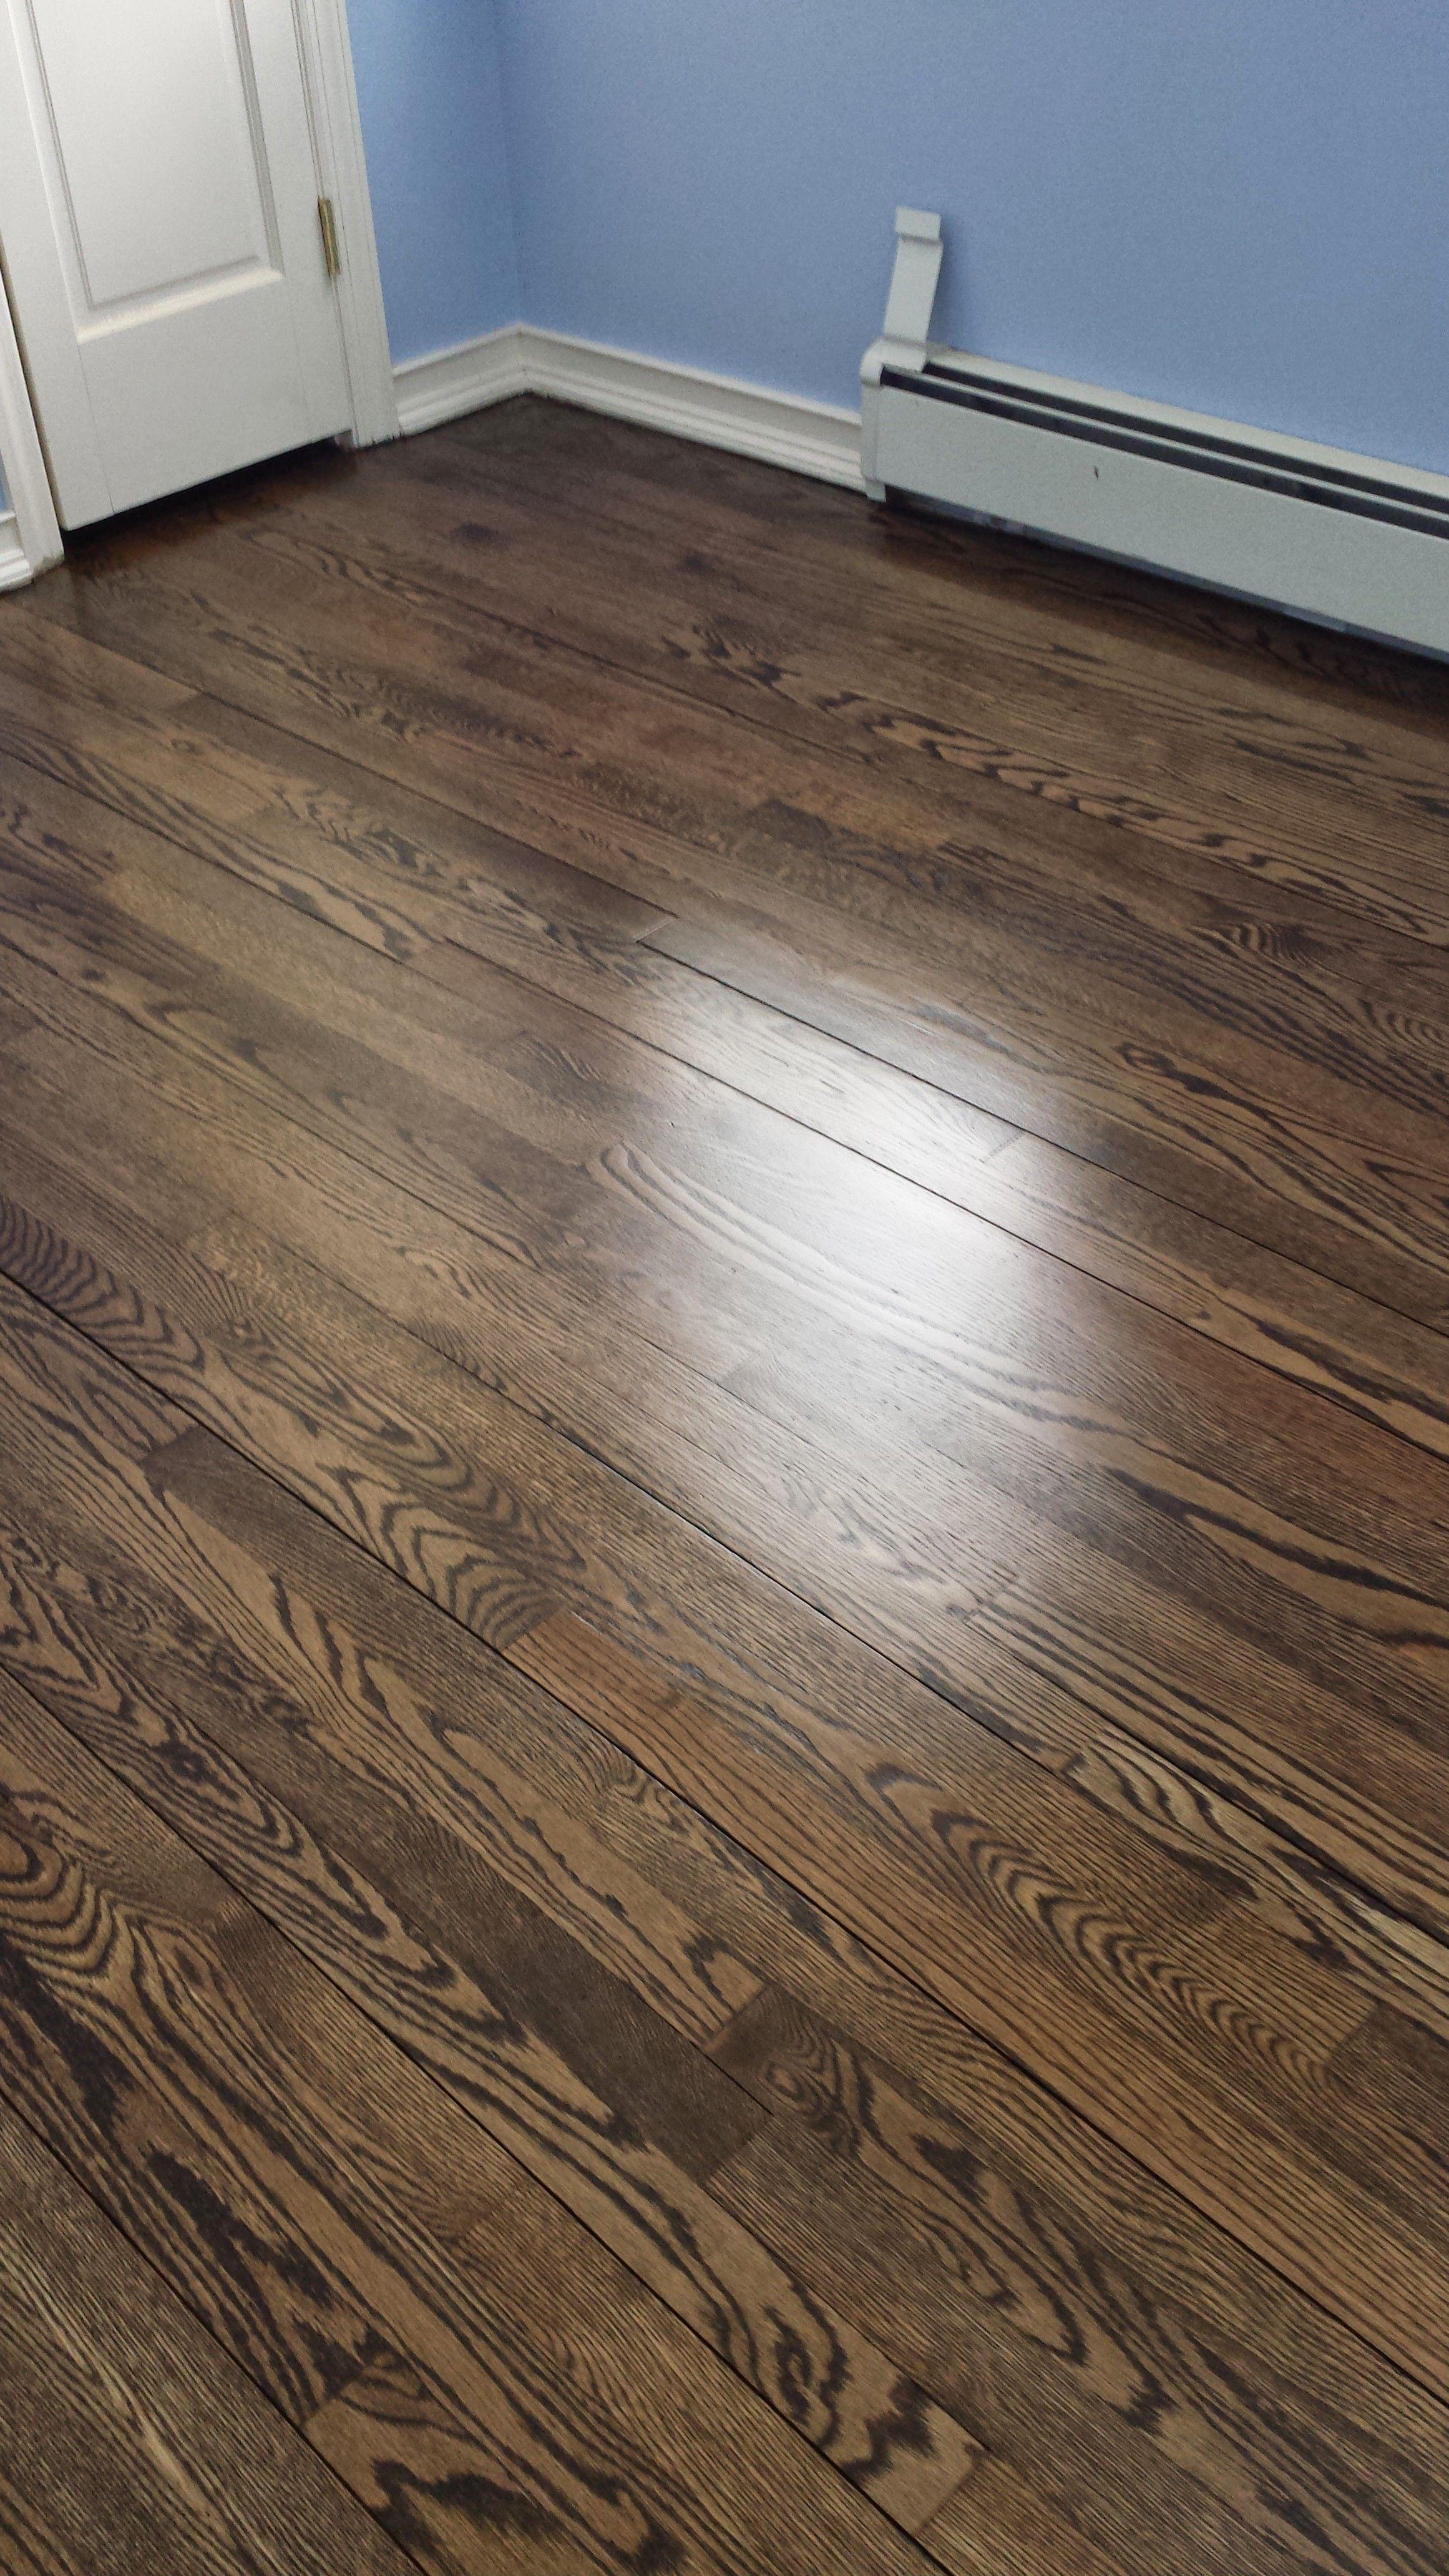 hardwood floor refinishing raleigh nc of floor refinishing company hardwood floors service by cris floor in floor refinishing company great methods to use for refinishing hardwood floors